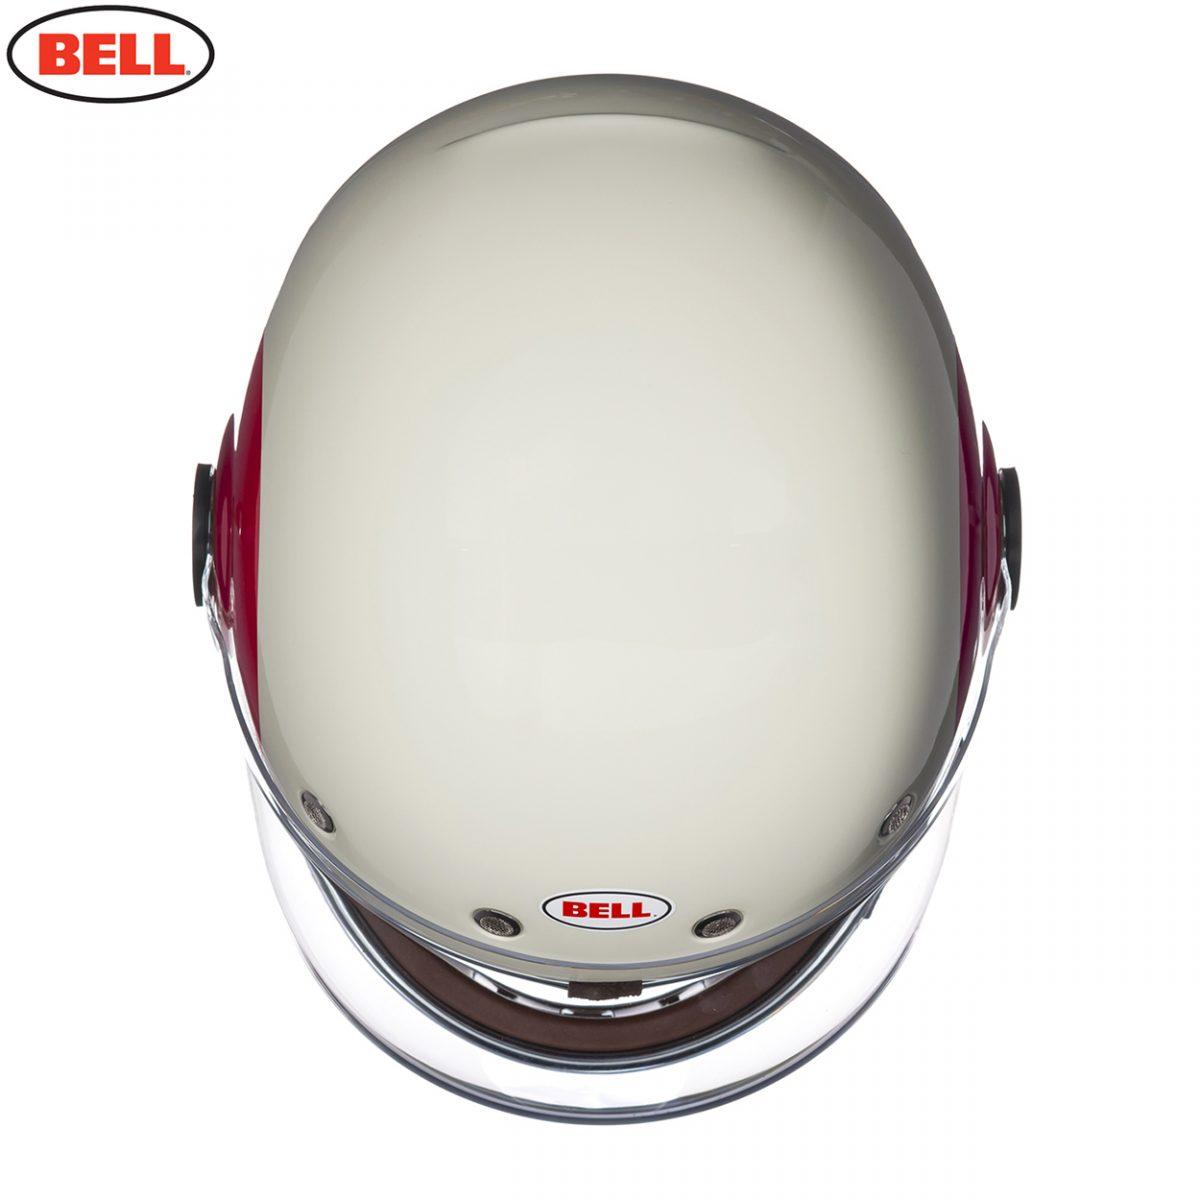 Bell Cruiser 2018.2 Bullitt Adult Motorcycle Motorbike Full Face Helmet - TT